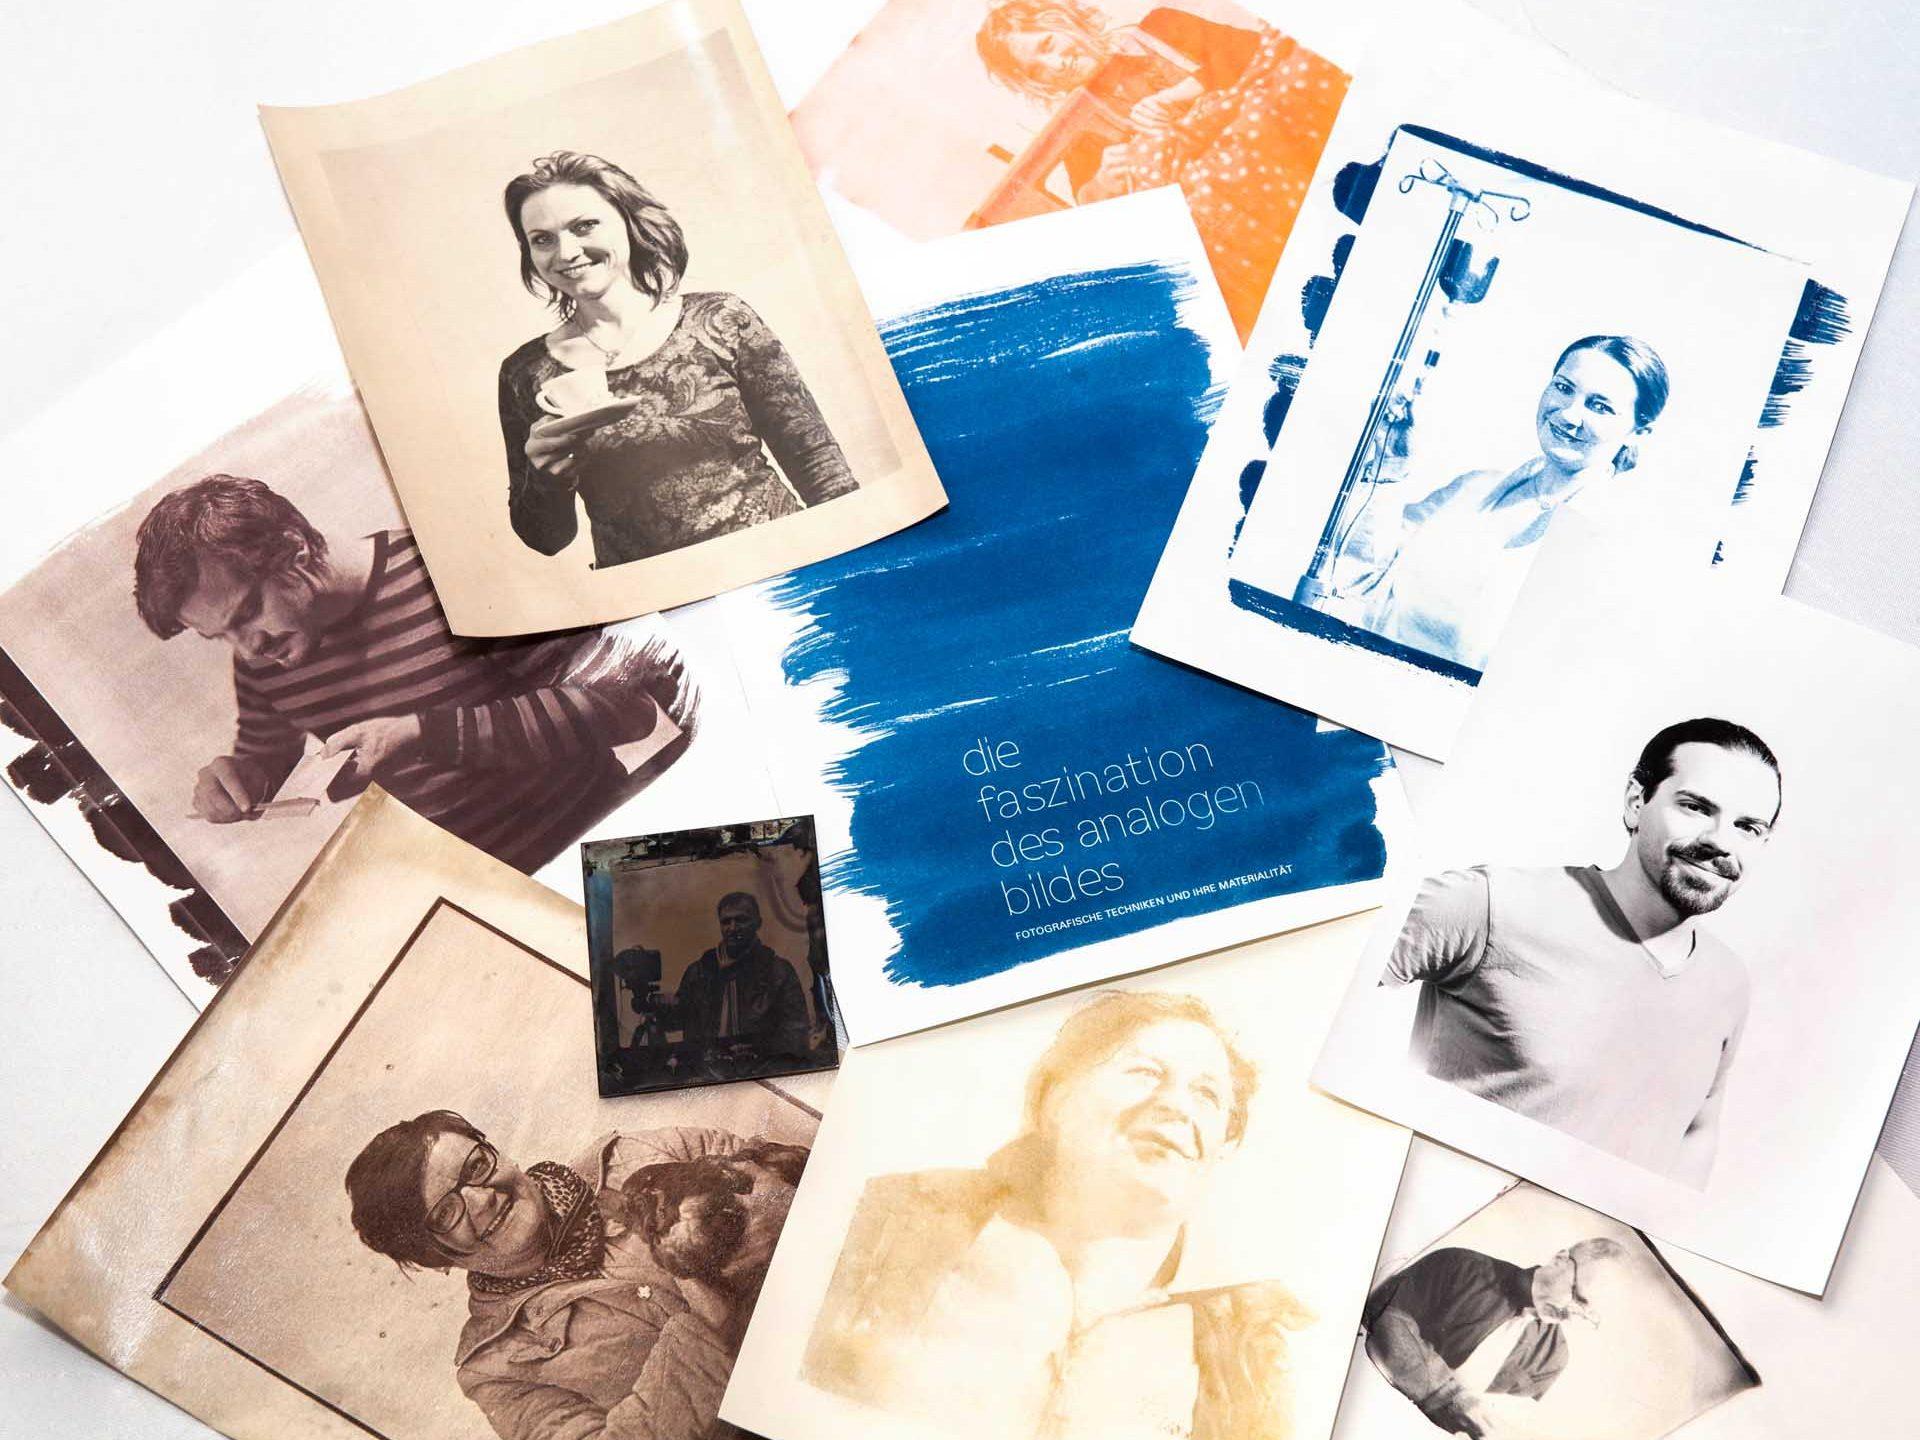 Ulrike Mayrhuber: Dis Faszination des analogen Bildes